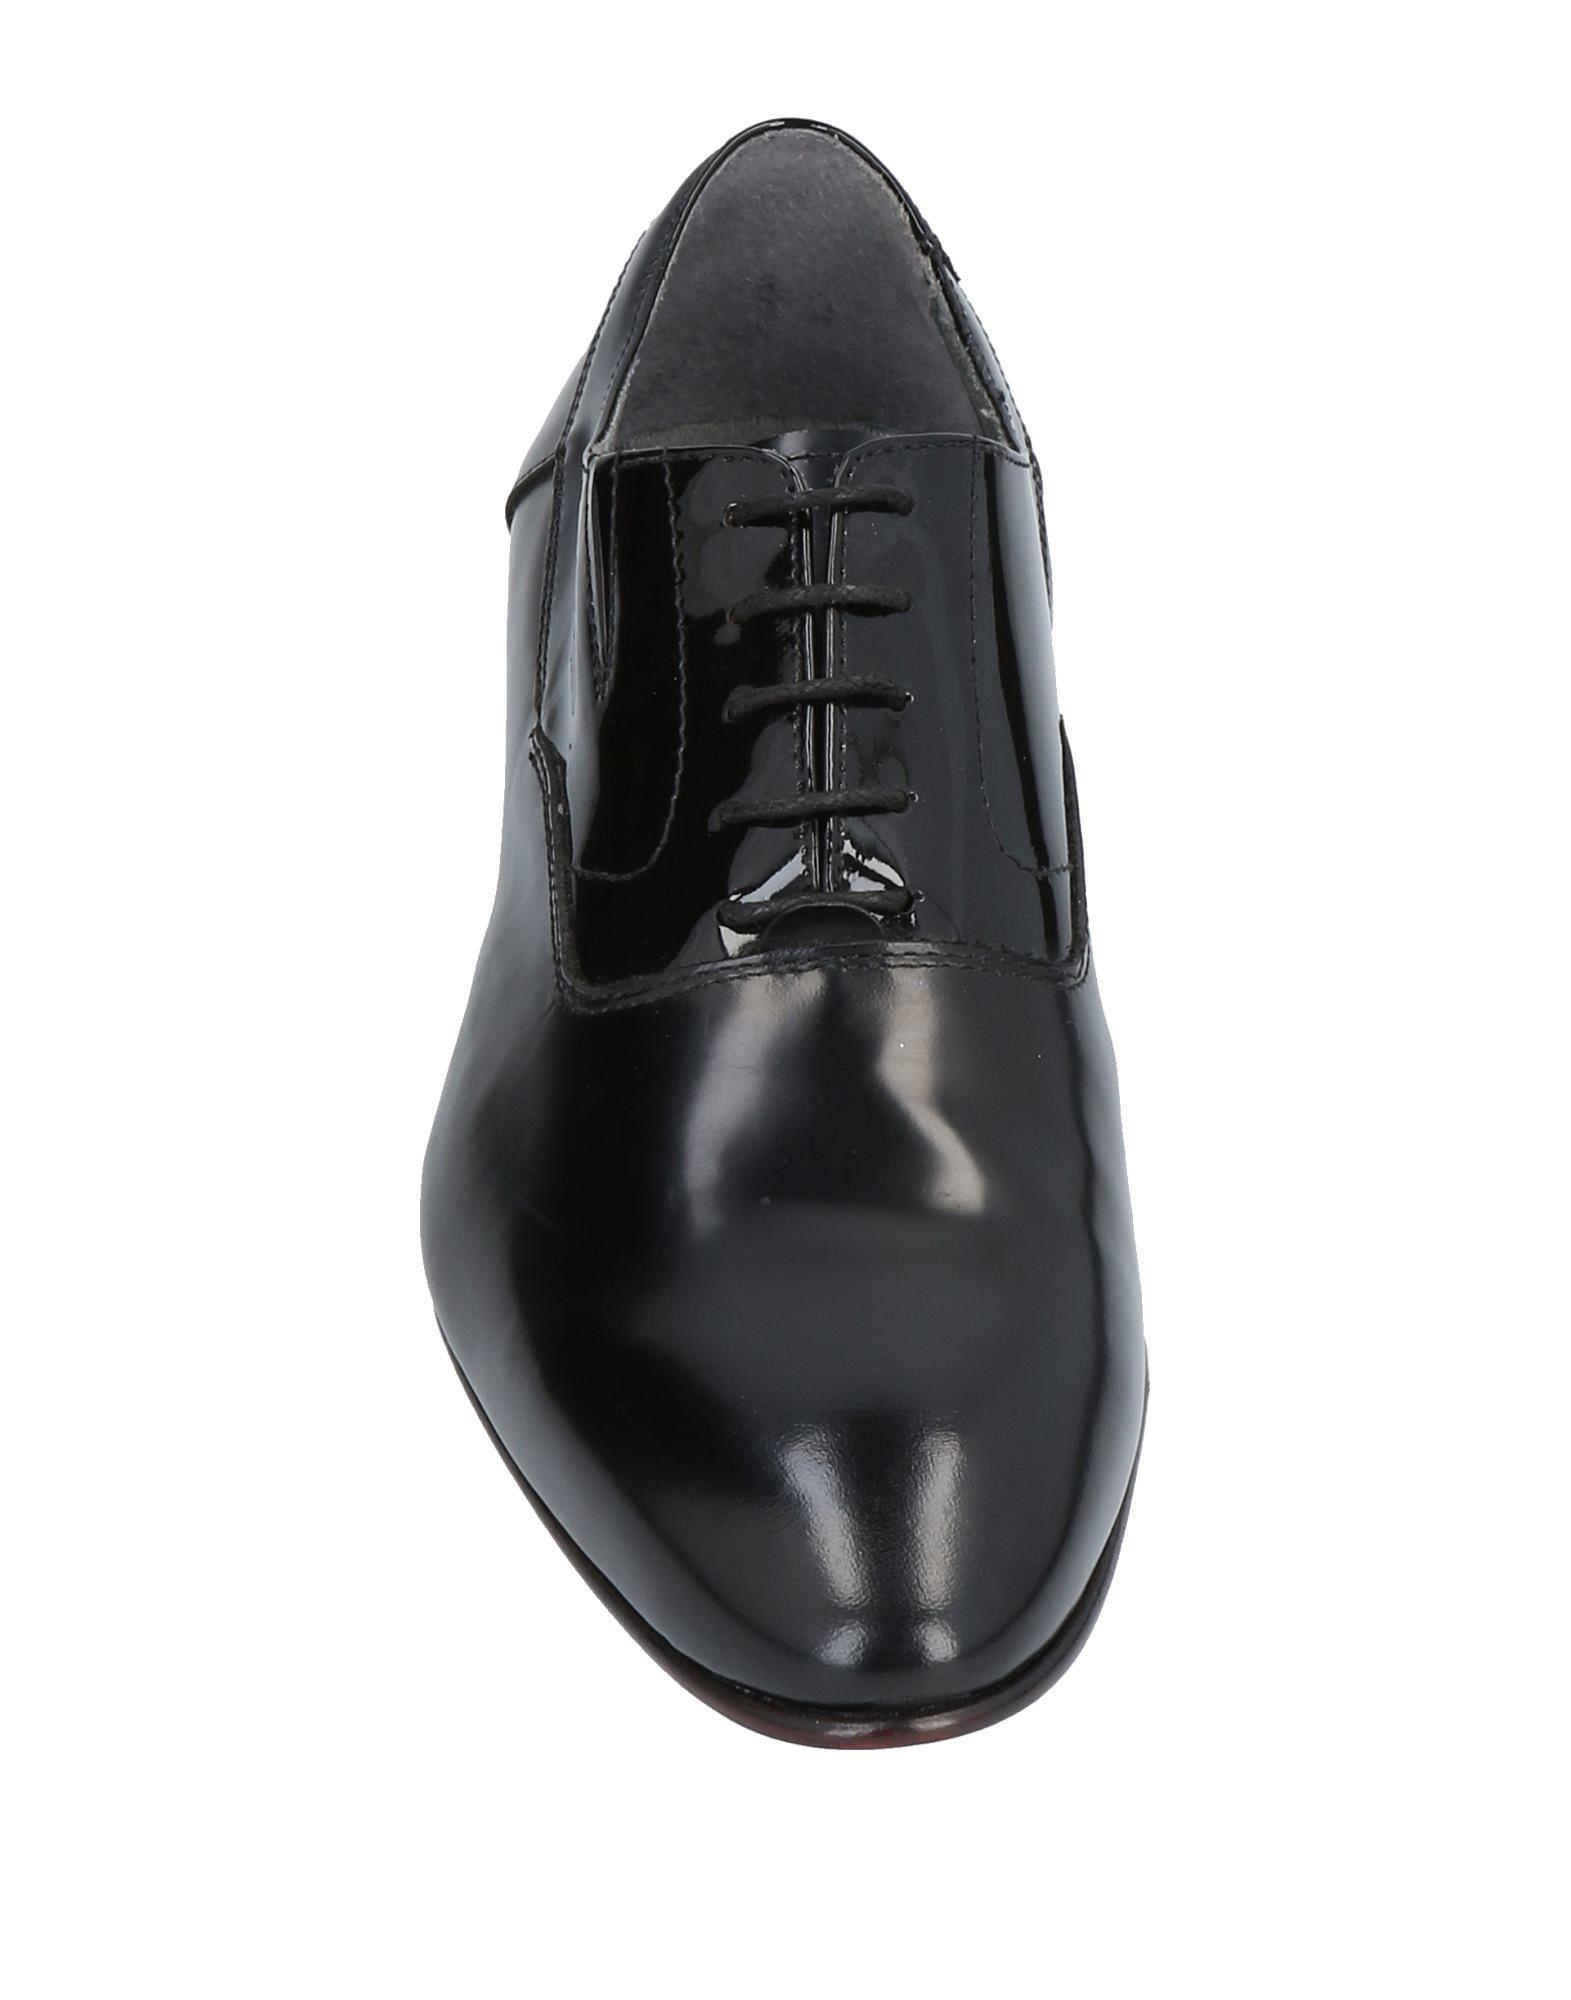 Rabatt echte 11472974PU Schuhe Angelo Pallotta Schnürschuhe Herren  11472974PU echte cd4315